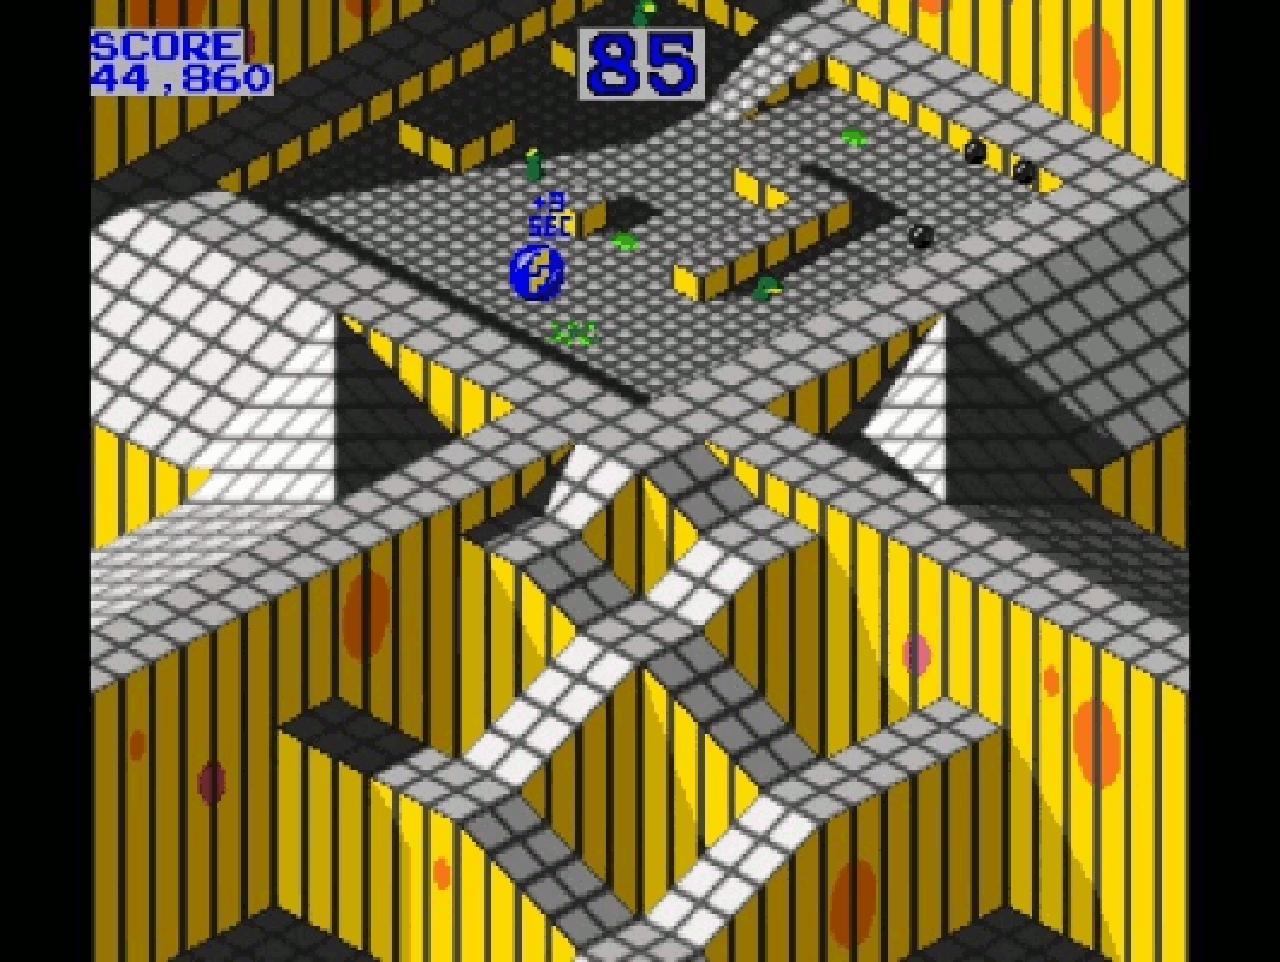 Die Murmel wurde beim Automaten präzise mit dem Trackball gesteuert, beim Amiga dagegen mit der Maus. (Bild: Atari)